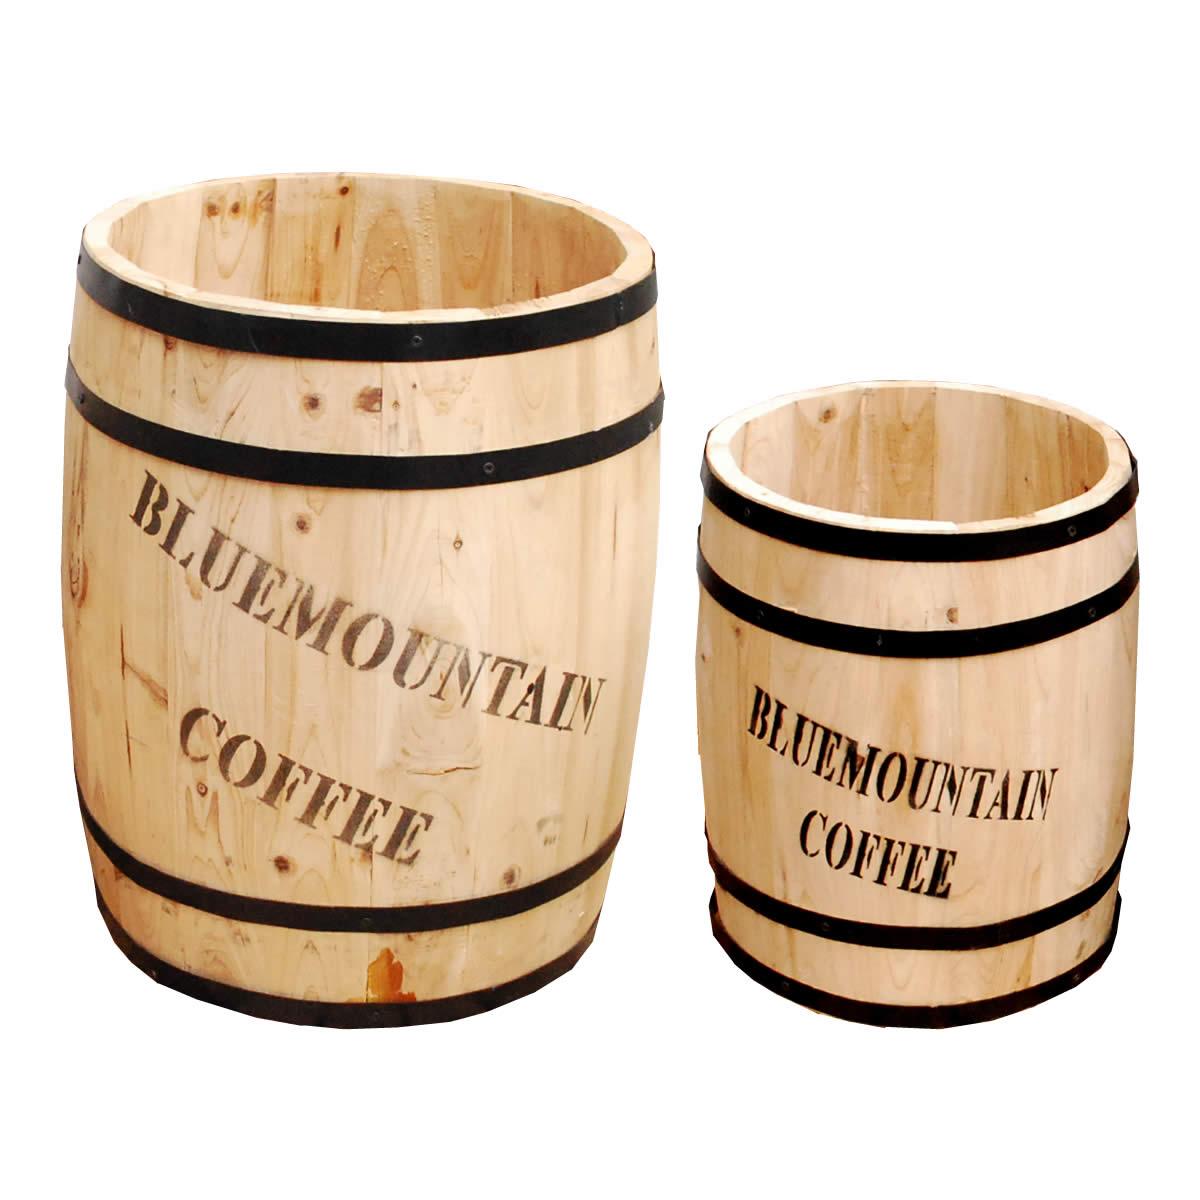 コーヒーバレル 大小2個組【天然木 木製 収納 コーヒー樽 コーヒーバレル プランター カバー ガーデニング 水抜き穴 ごみ箱 傘立て おしゃれ 北欧 ナチュラル アメリカン 庭 ベランダ 屋外 ブルーマウンテン ウッドプランター】